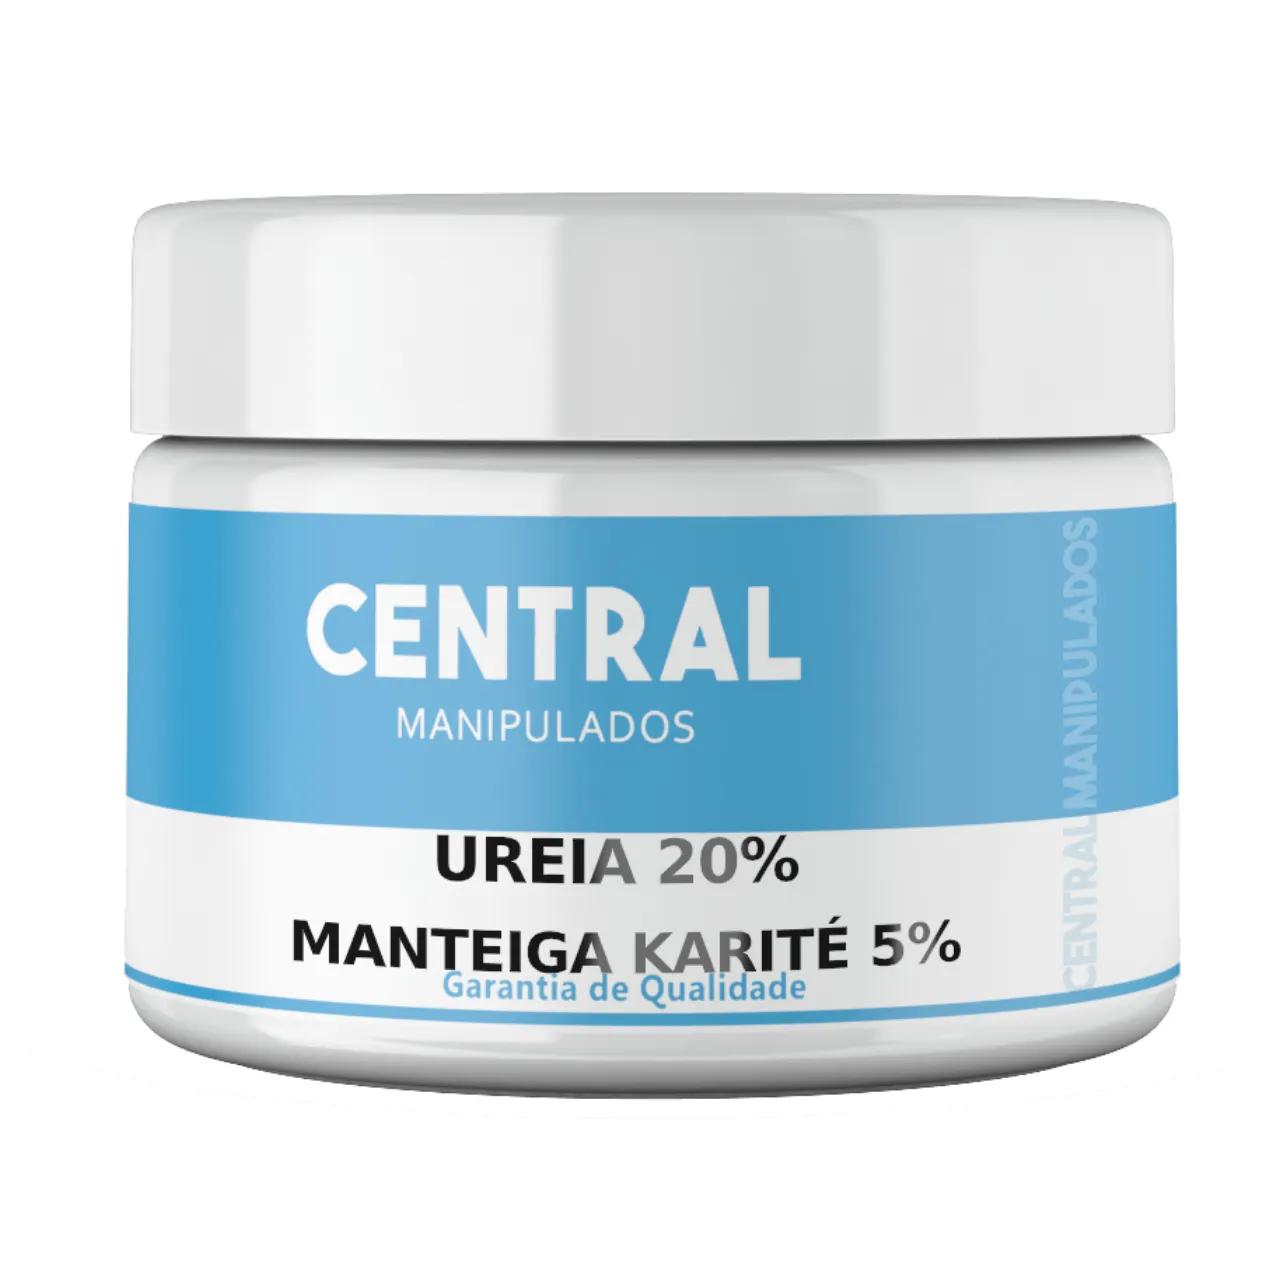 Ureia 20% + Manteiga de Karité 5% + Glicerina 10% - 300gramas Creme - Previne o Ressecamento, Antioxidante, Protege a Pele